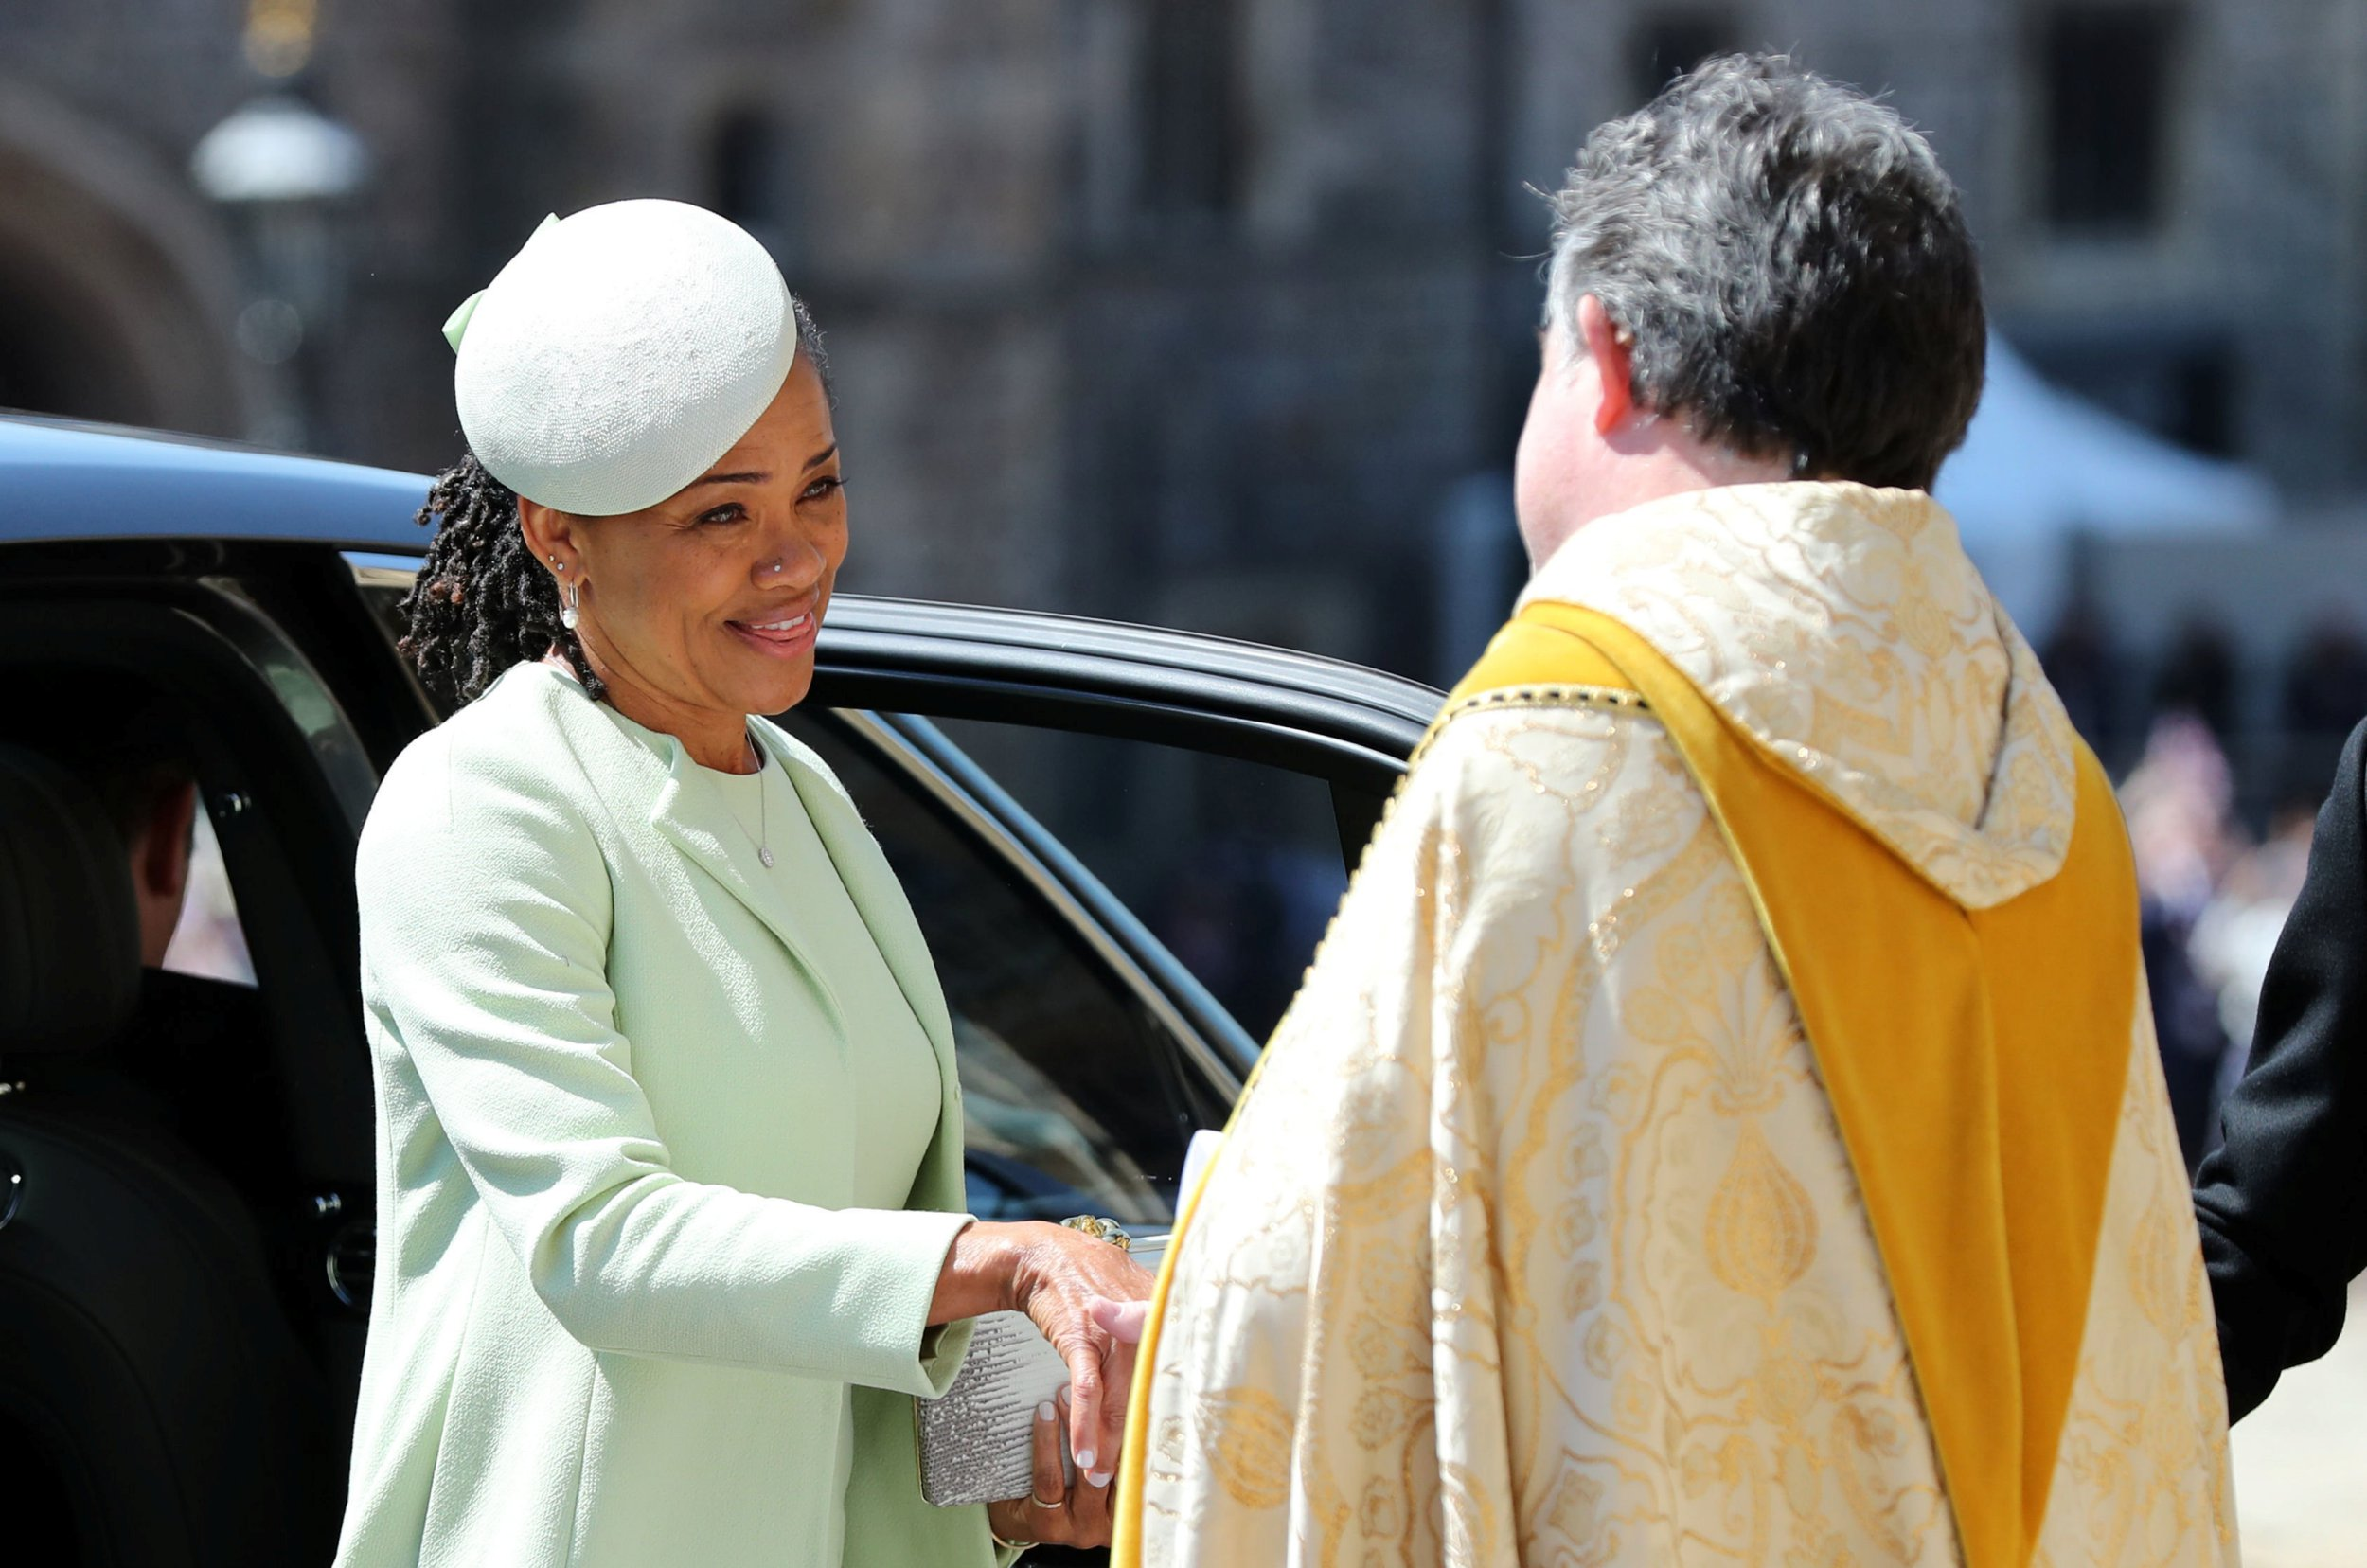 Meghan's mum Doria looks like a queen in light green suit by Oscar de la Renta